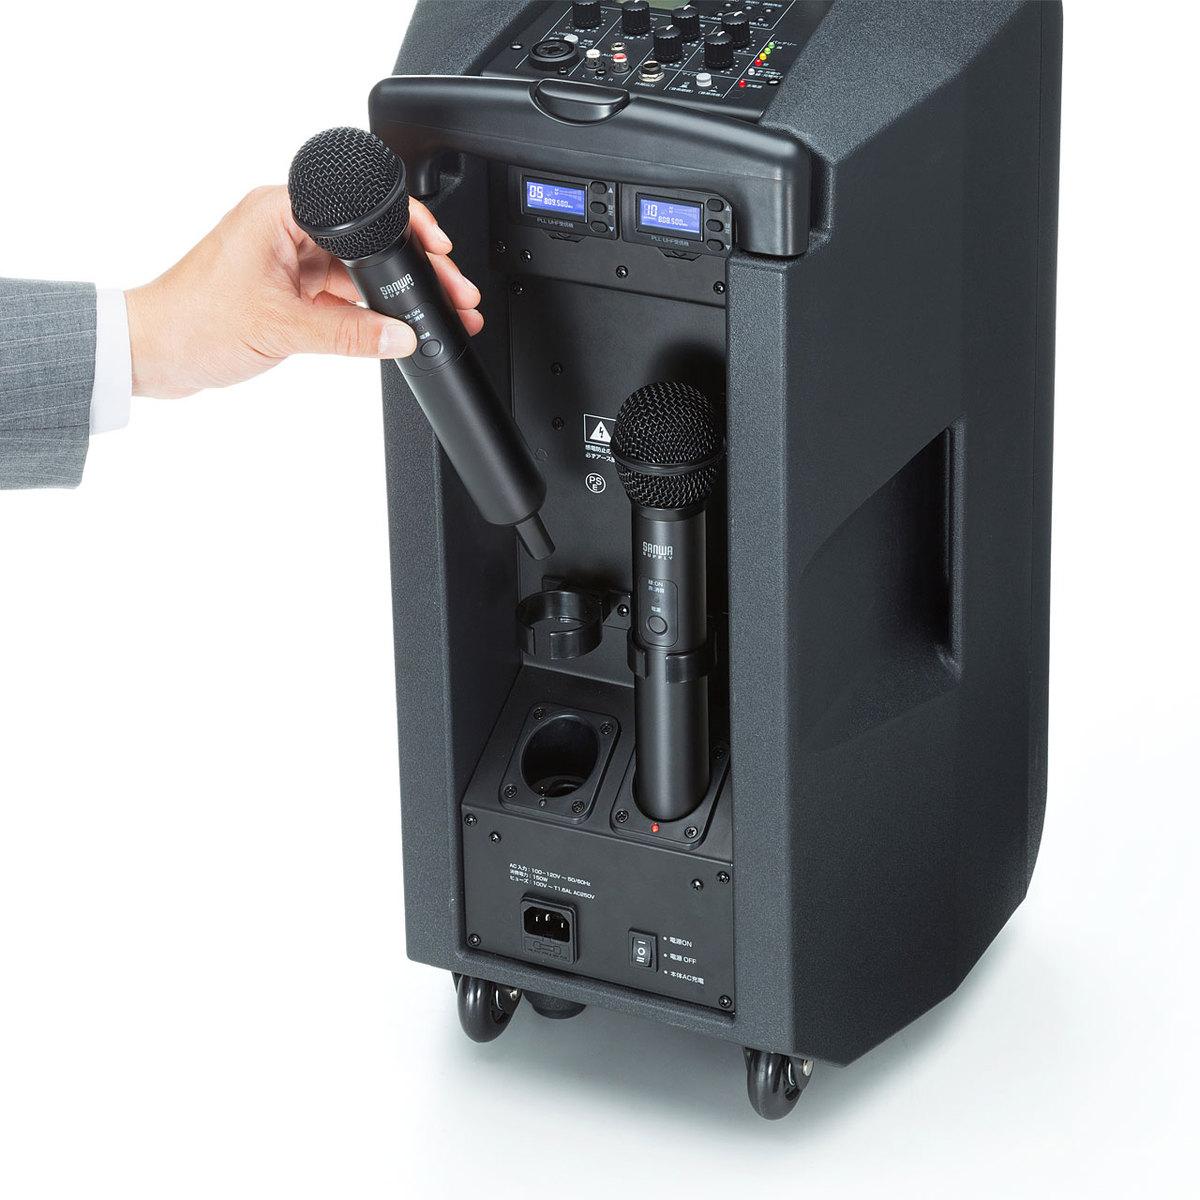 [MM-SPAMP8] ワイヤレスマイク付き拡声器スピーカー(最大200W出力・キャスター付き・マイク2本付属)